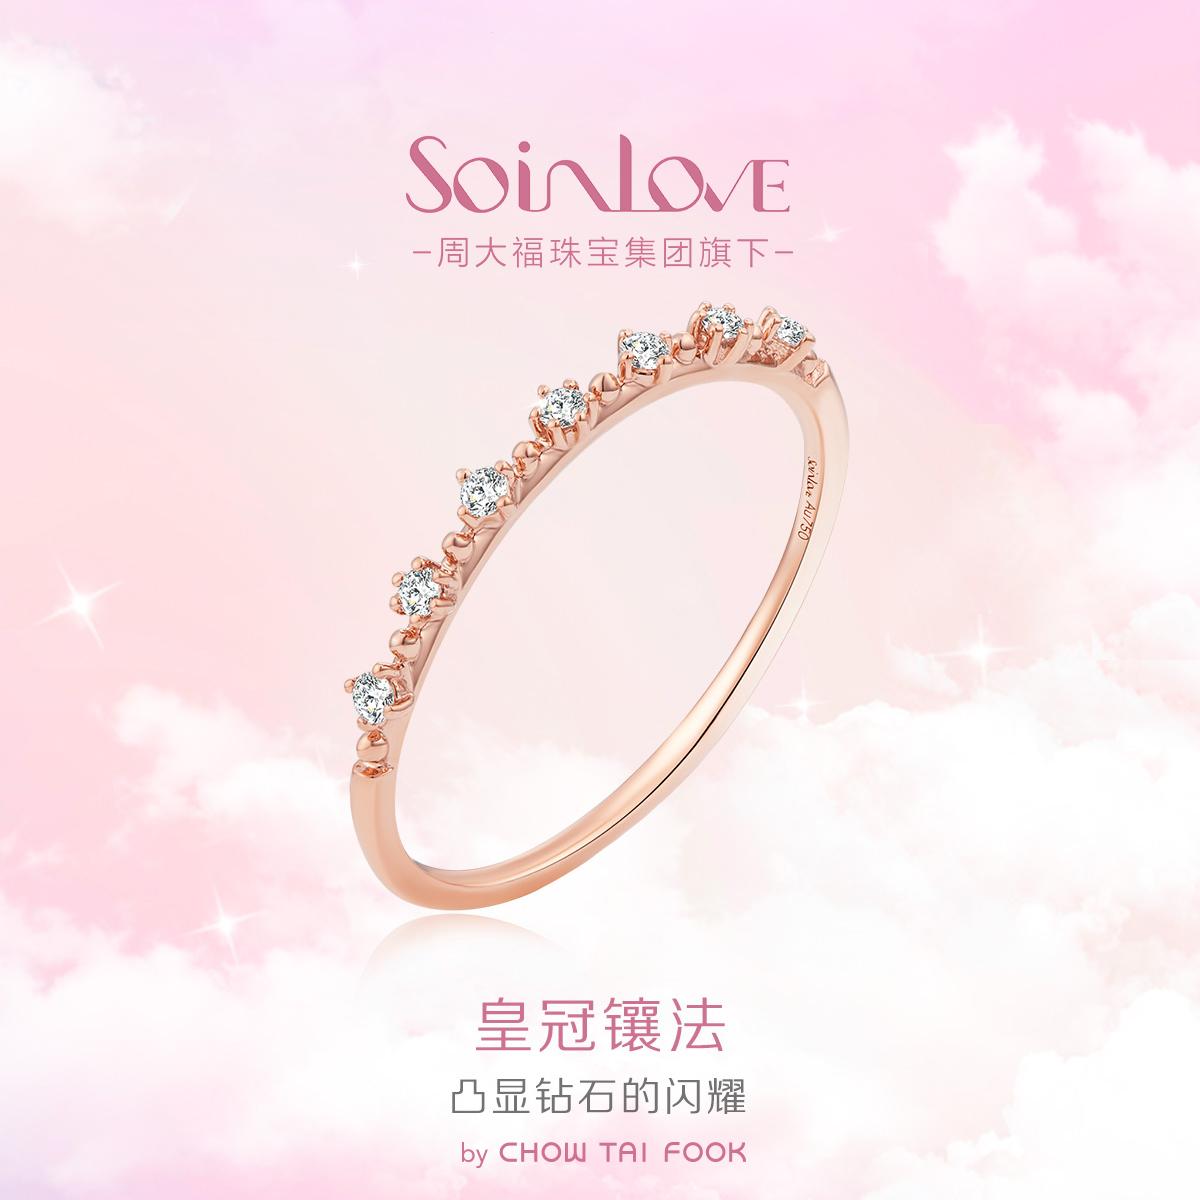 【3期免息】SOINLOVE星辰18K玫瑰金满天星单排钻戒指女VU1017礼品